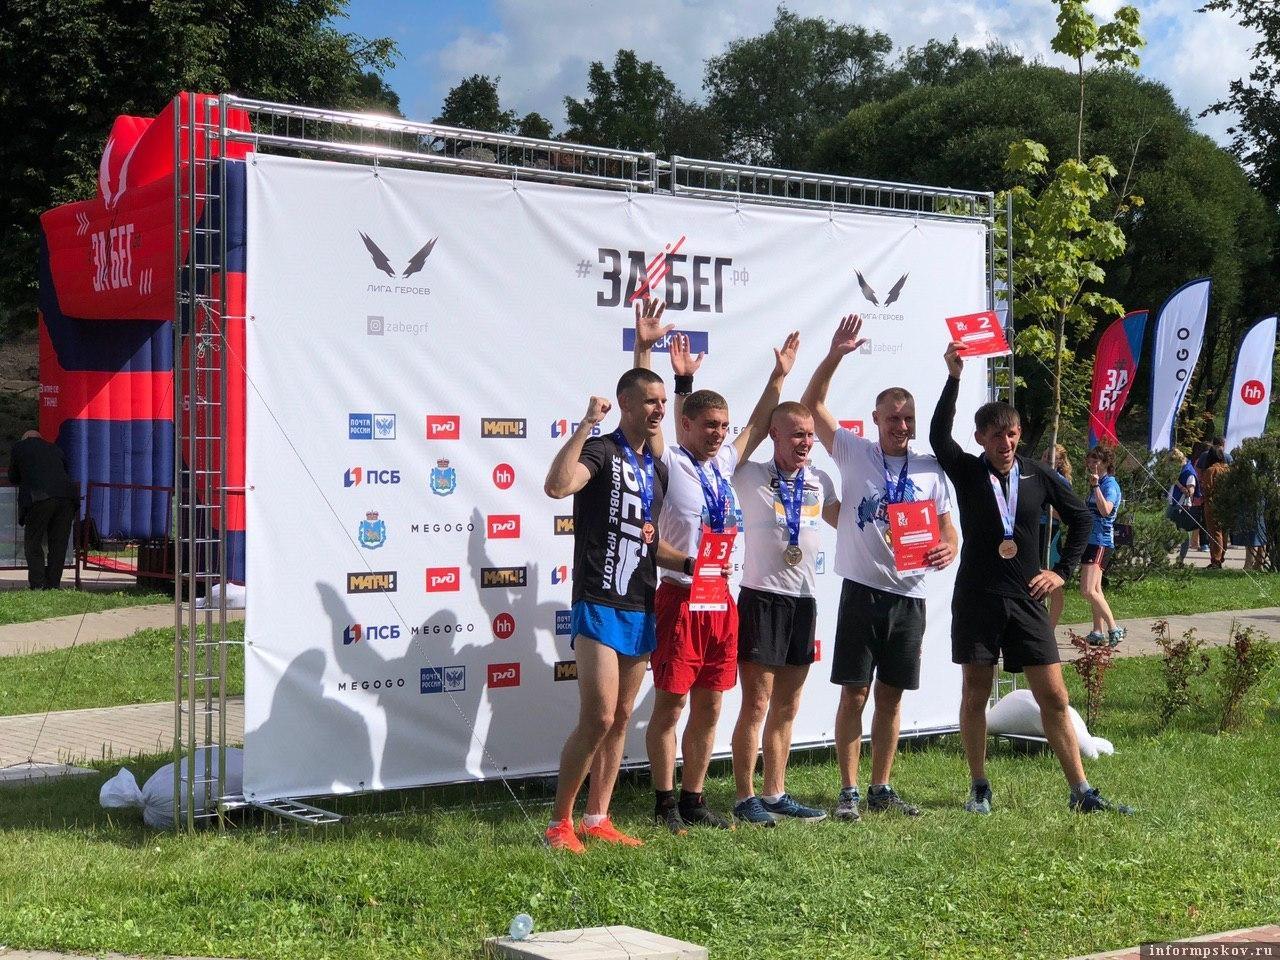 Победители полумарафона на дистанции 21,1 км. Фото Александры Сырчиной